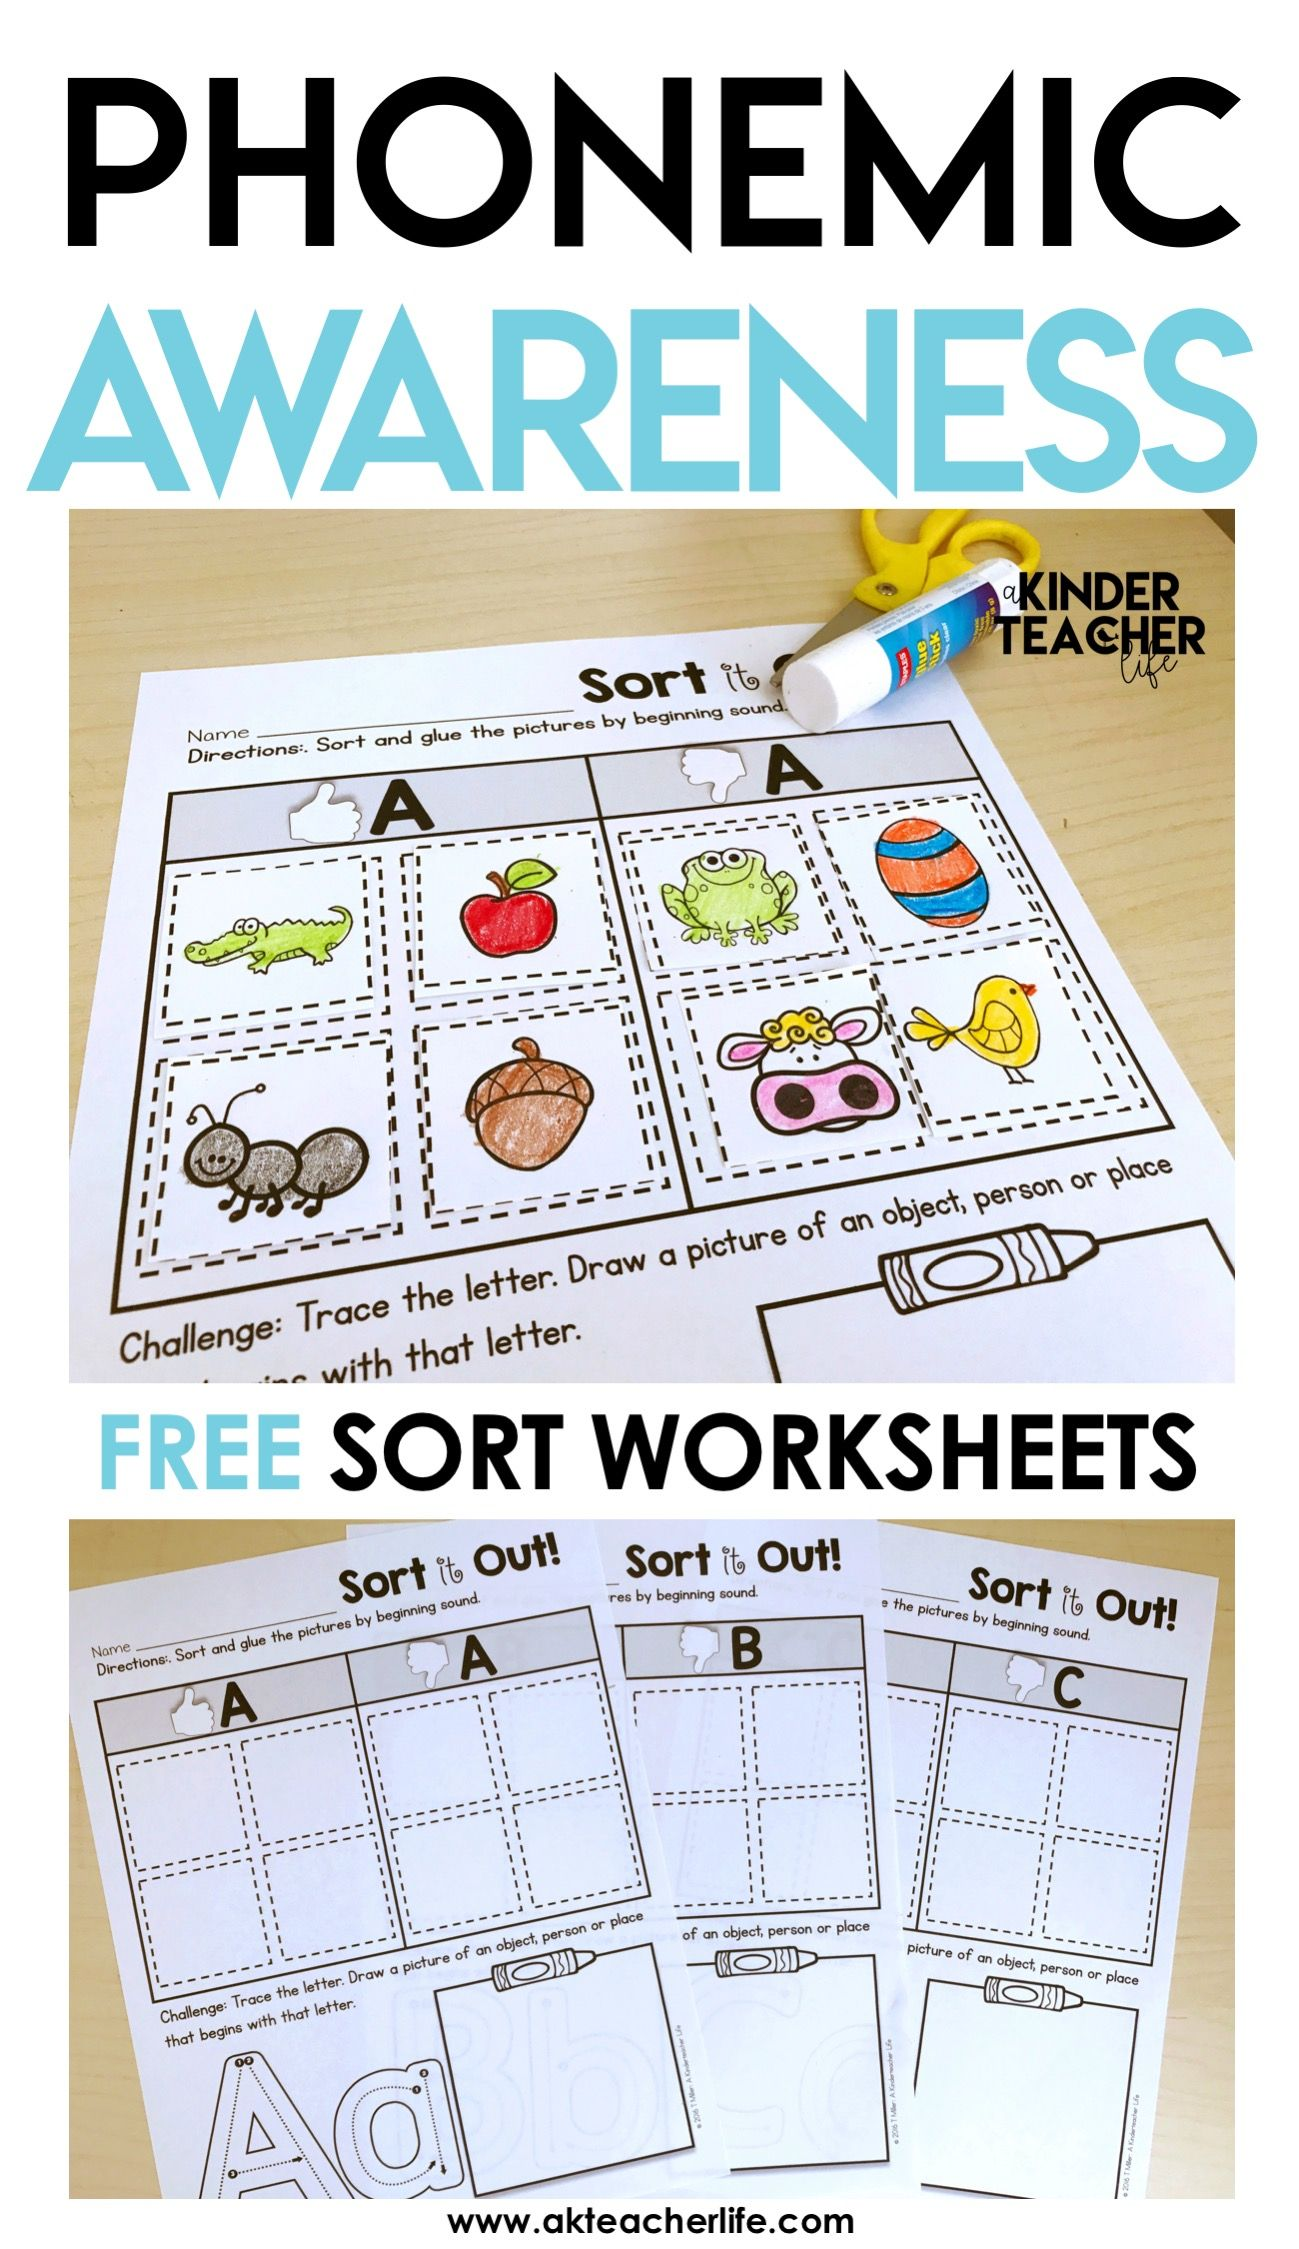 FREE Phonemic Awareness Sorting Worksheets   Phonics kindergarten [ 2249 x 1299 Pixel ]